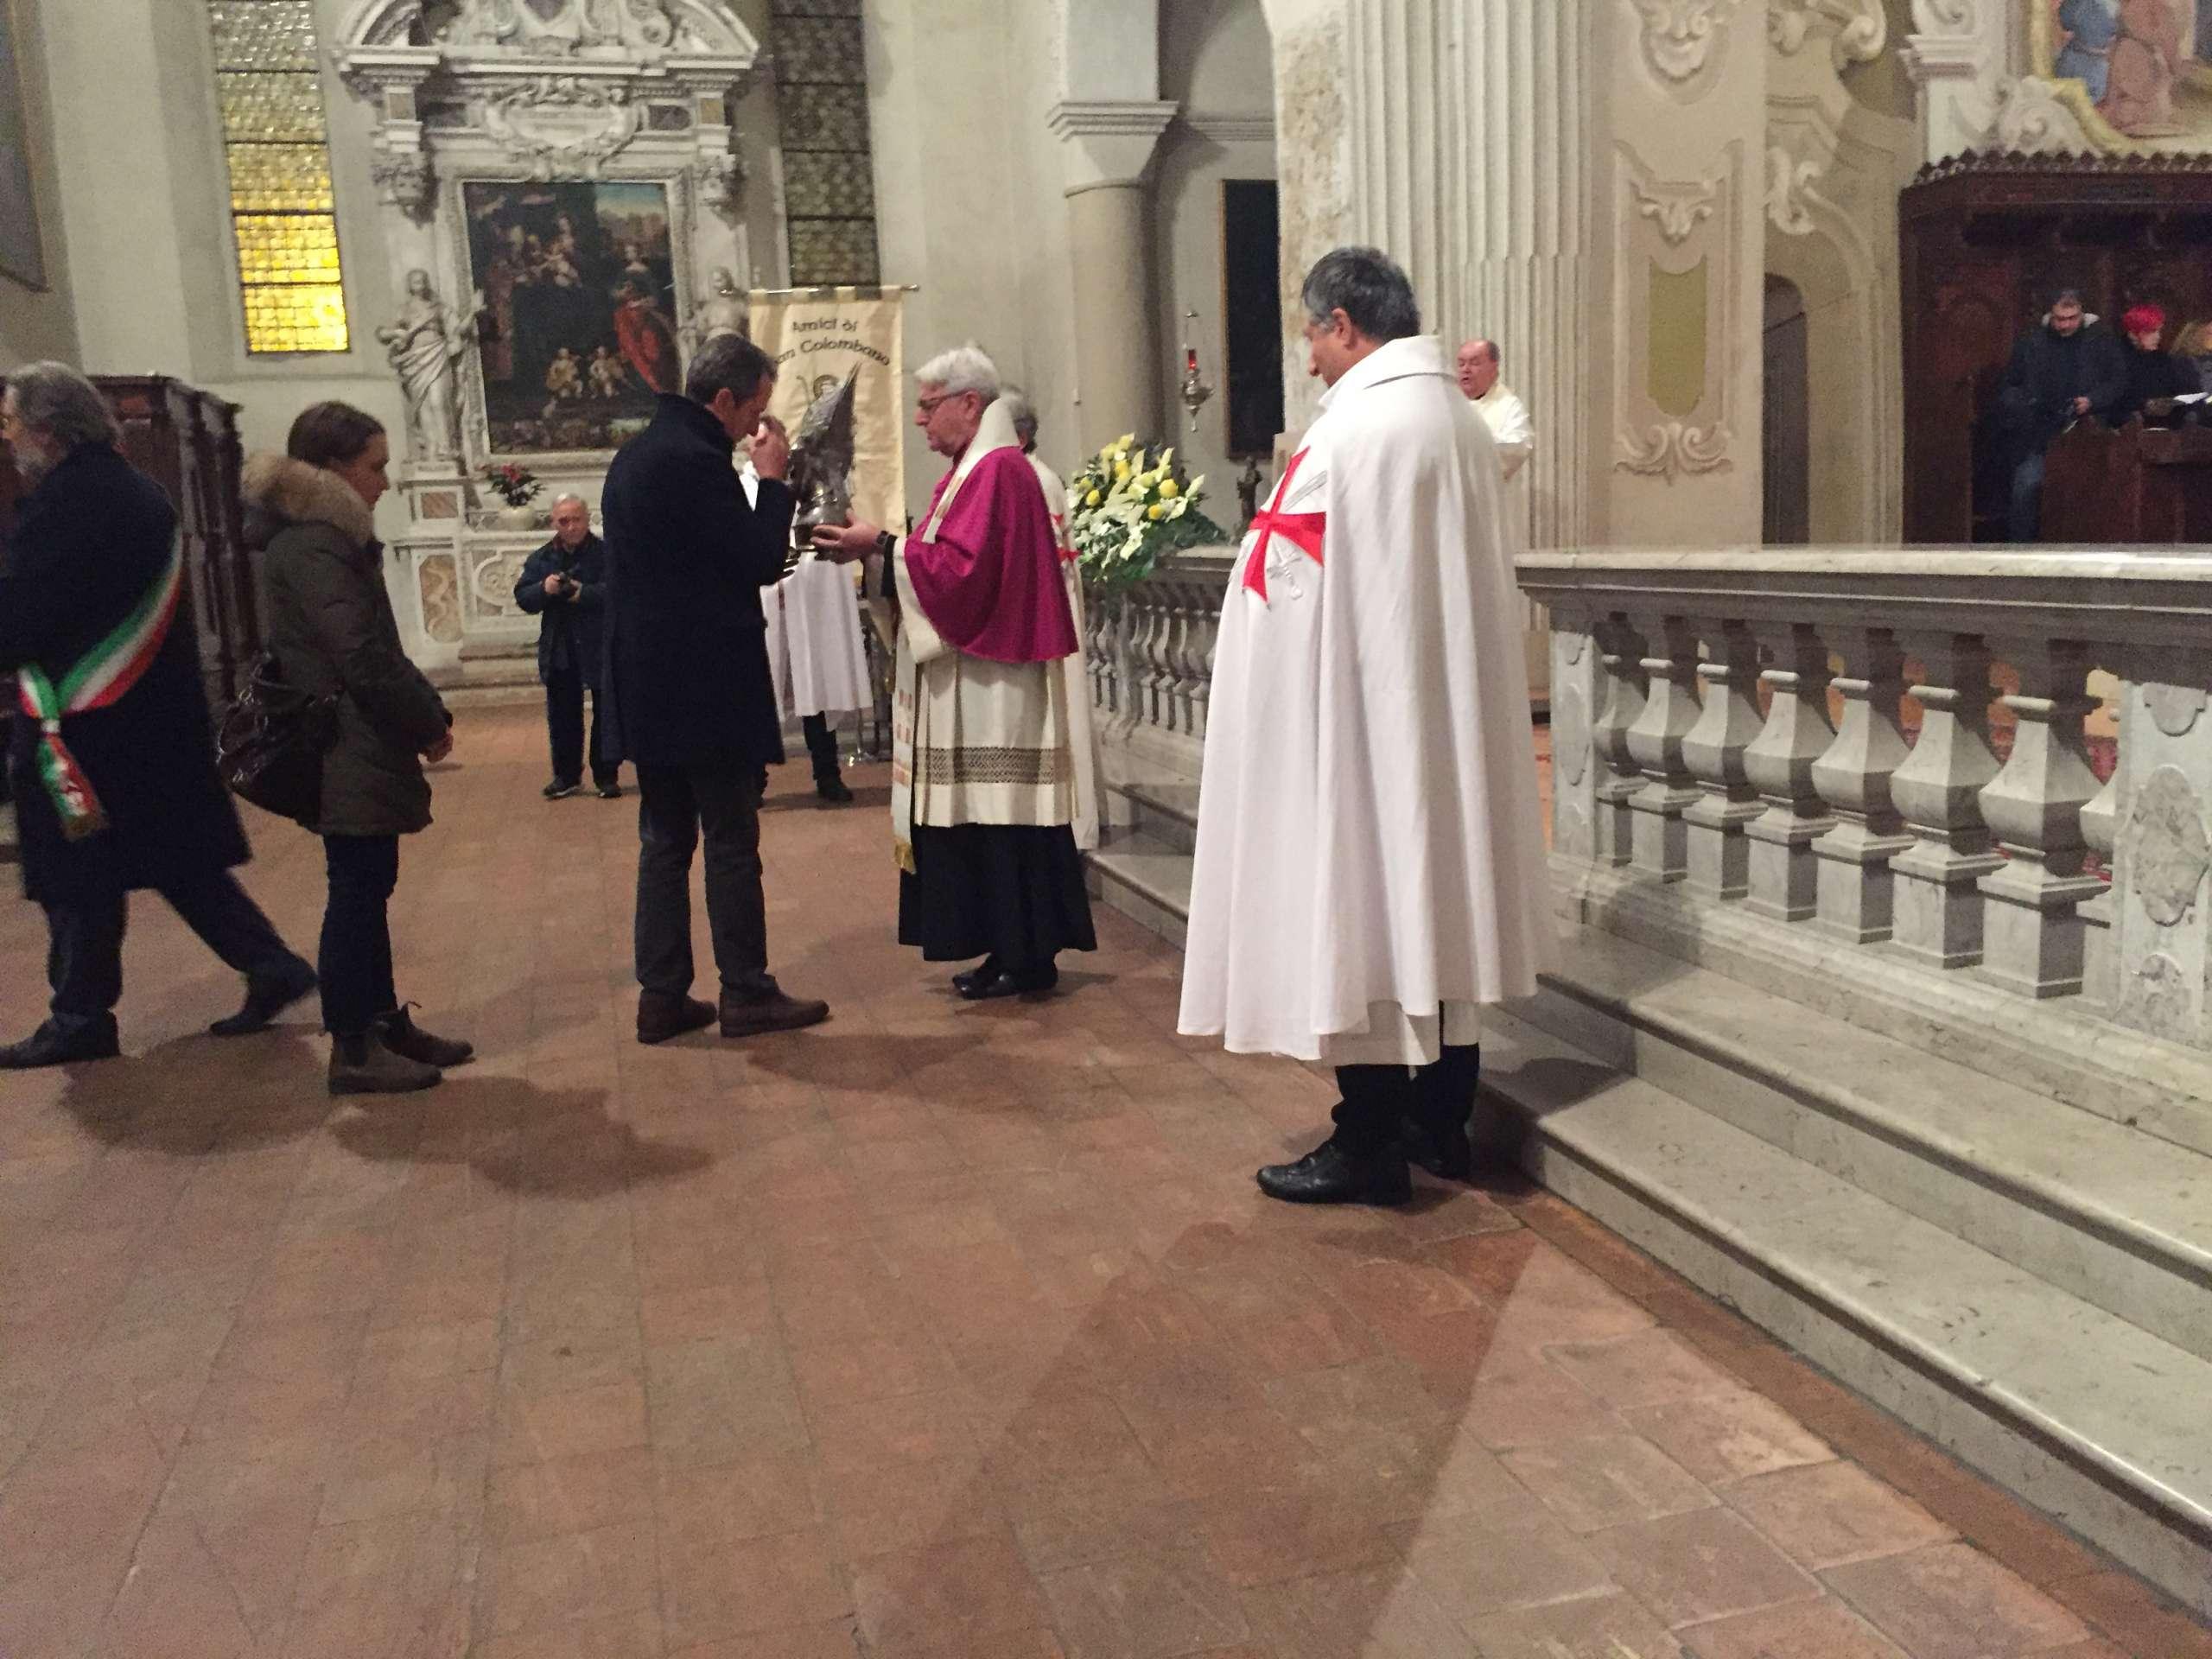 I Templari Cattolici d'Italia custodiscono la reliquia di S. Colombano e partecipano alla S. Messa celebrata dal Vescovo di Derry (Irlanda) nell'Abbazia di S. Colombano a Bobbio (PC)